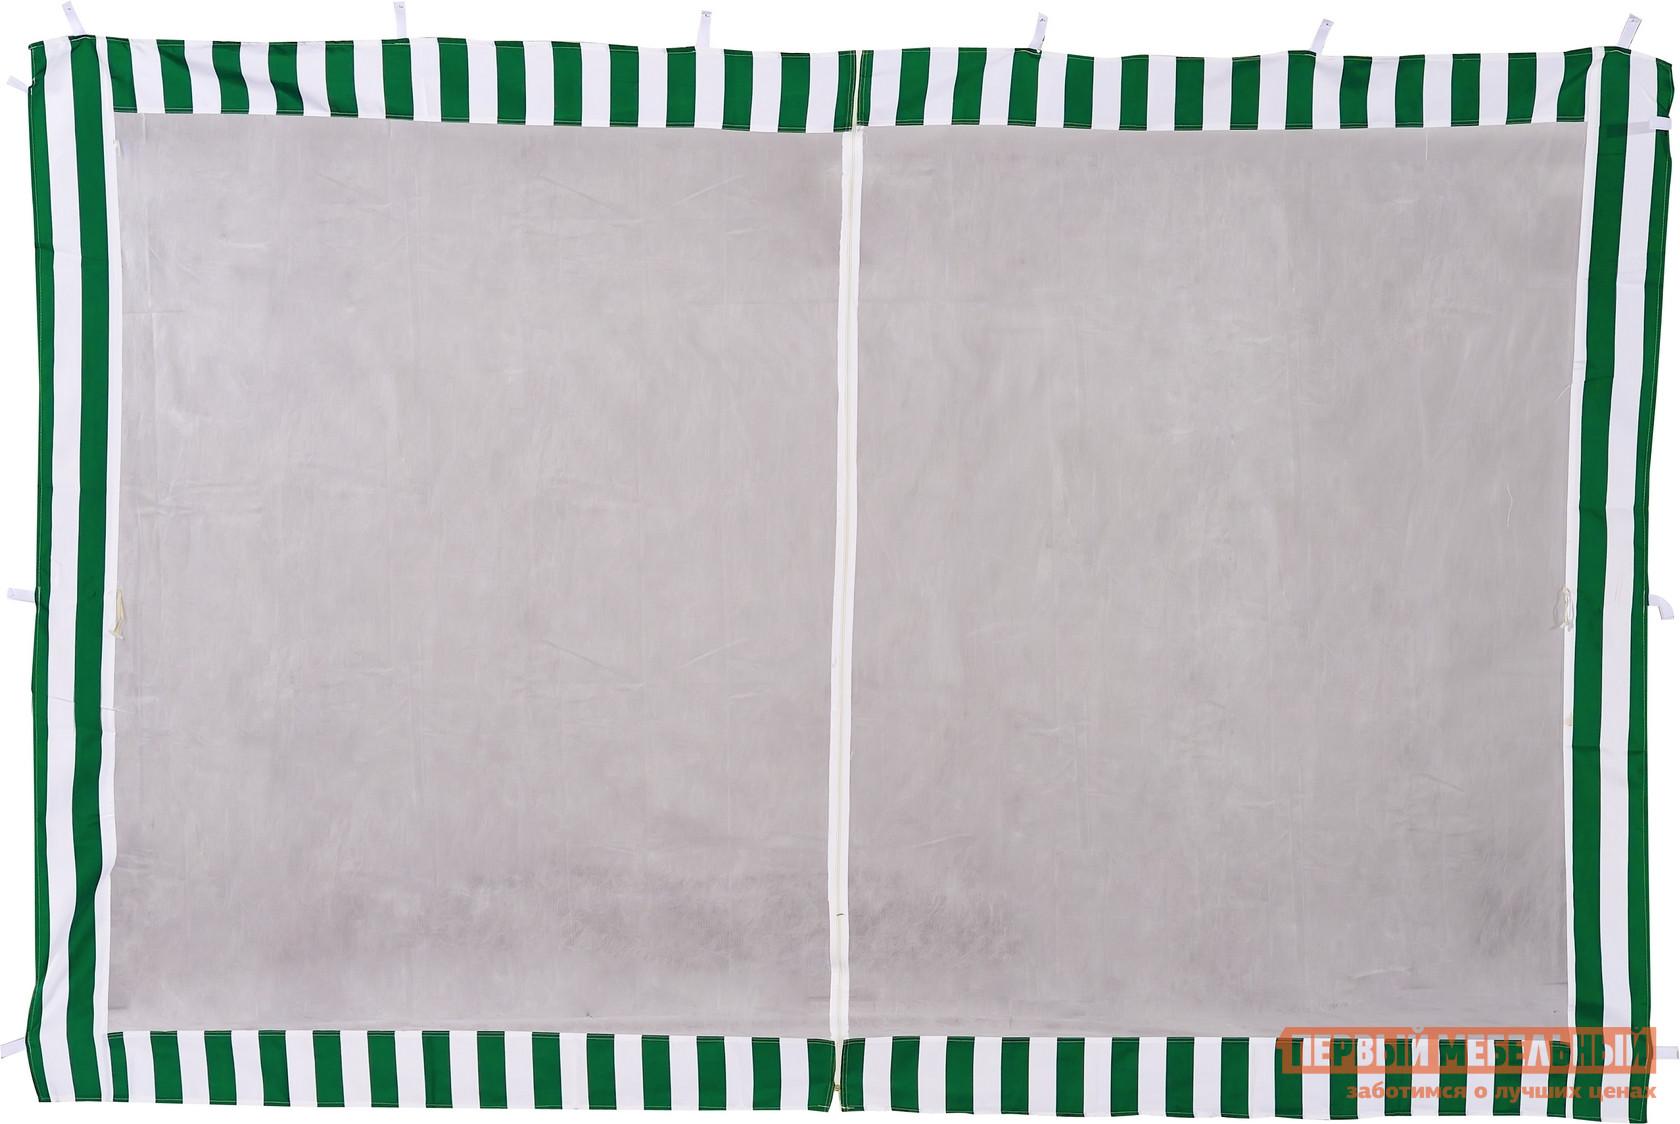 Аксессуар Green Glade Стенка с москитной сеткой ЗеленыйАксессуары для шатров<br>Габаритные размеры ВхШхГ 1950x2950x мм. Стенка с москитной сеткой Ормант от поставщика летней мебели и аксессуаров Green Glade.  Сетка не позволит назойливым насекомым попасть внутрь помещения.  А также через небольшие отверстия в шатер будет попадать свежий воздух, что актуально для теплого летнего вечера.  Стенка крепится к основанию каркаса за счет специальных петель с липучками.  Москитная сетка в центре имеет молнию, поэтому данная часть может служить дверью. Данная стенка предназначена для шатров размером (ШхГ): 3000х3000 мм.  Модель выполнена в двух самых популярных цветах: зеленом и синем. Обратите внимание! Цена указана за одну стенку, а не за комплект из четырех штук.<br><br>Цвет: Зеленый<br>Высота мм: 1950<br>Ширина мм: 2950<br>Кол-во упаковок: 1<br>Форма поставки: В собранном виде<br>Срок гарантии: 6 месяцев